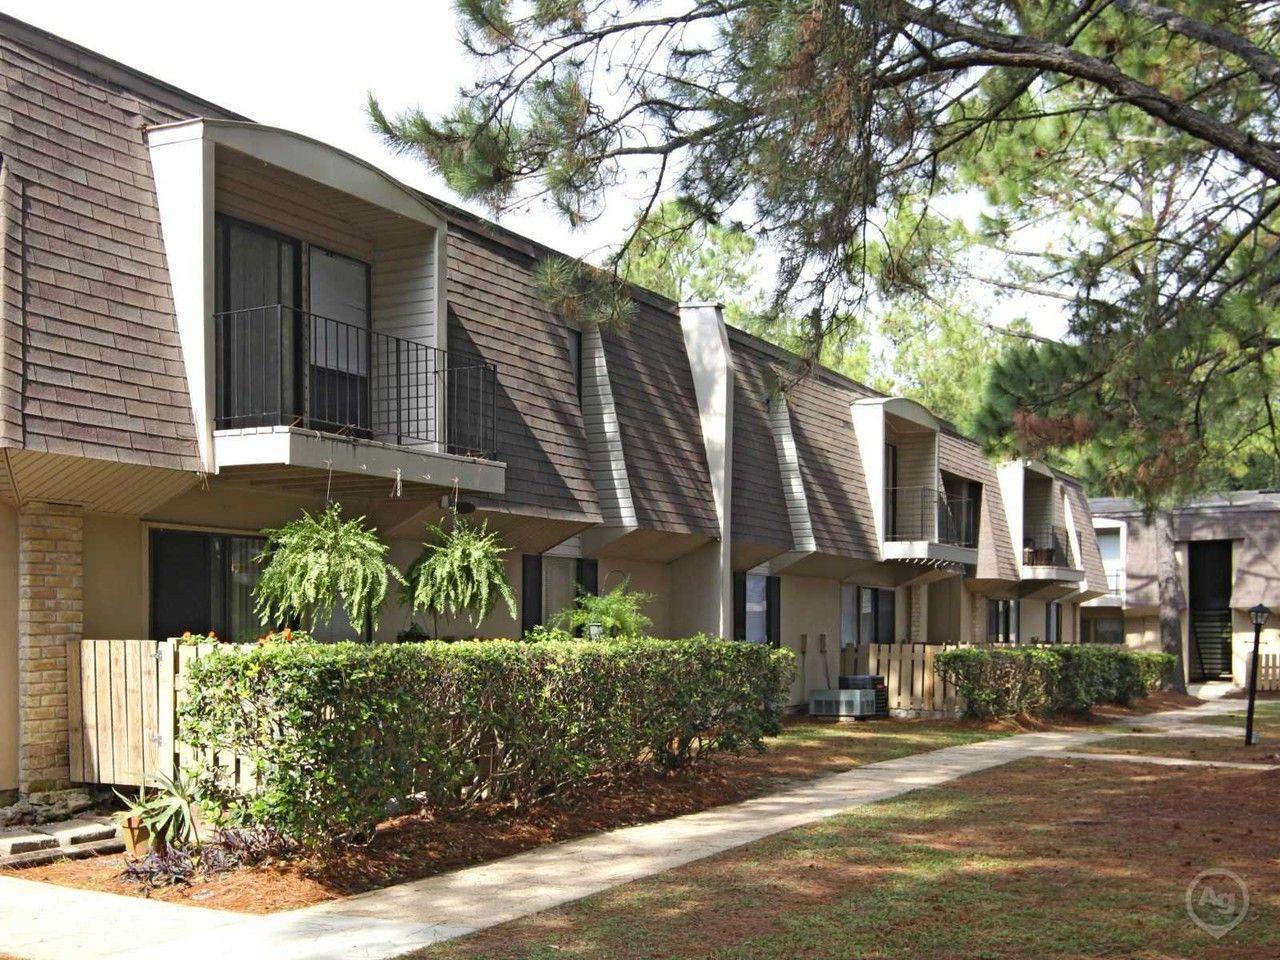 Maison de ville apartments for rent